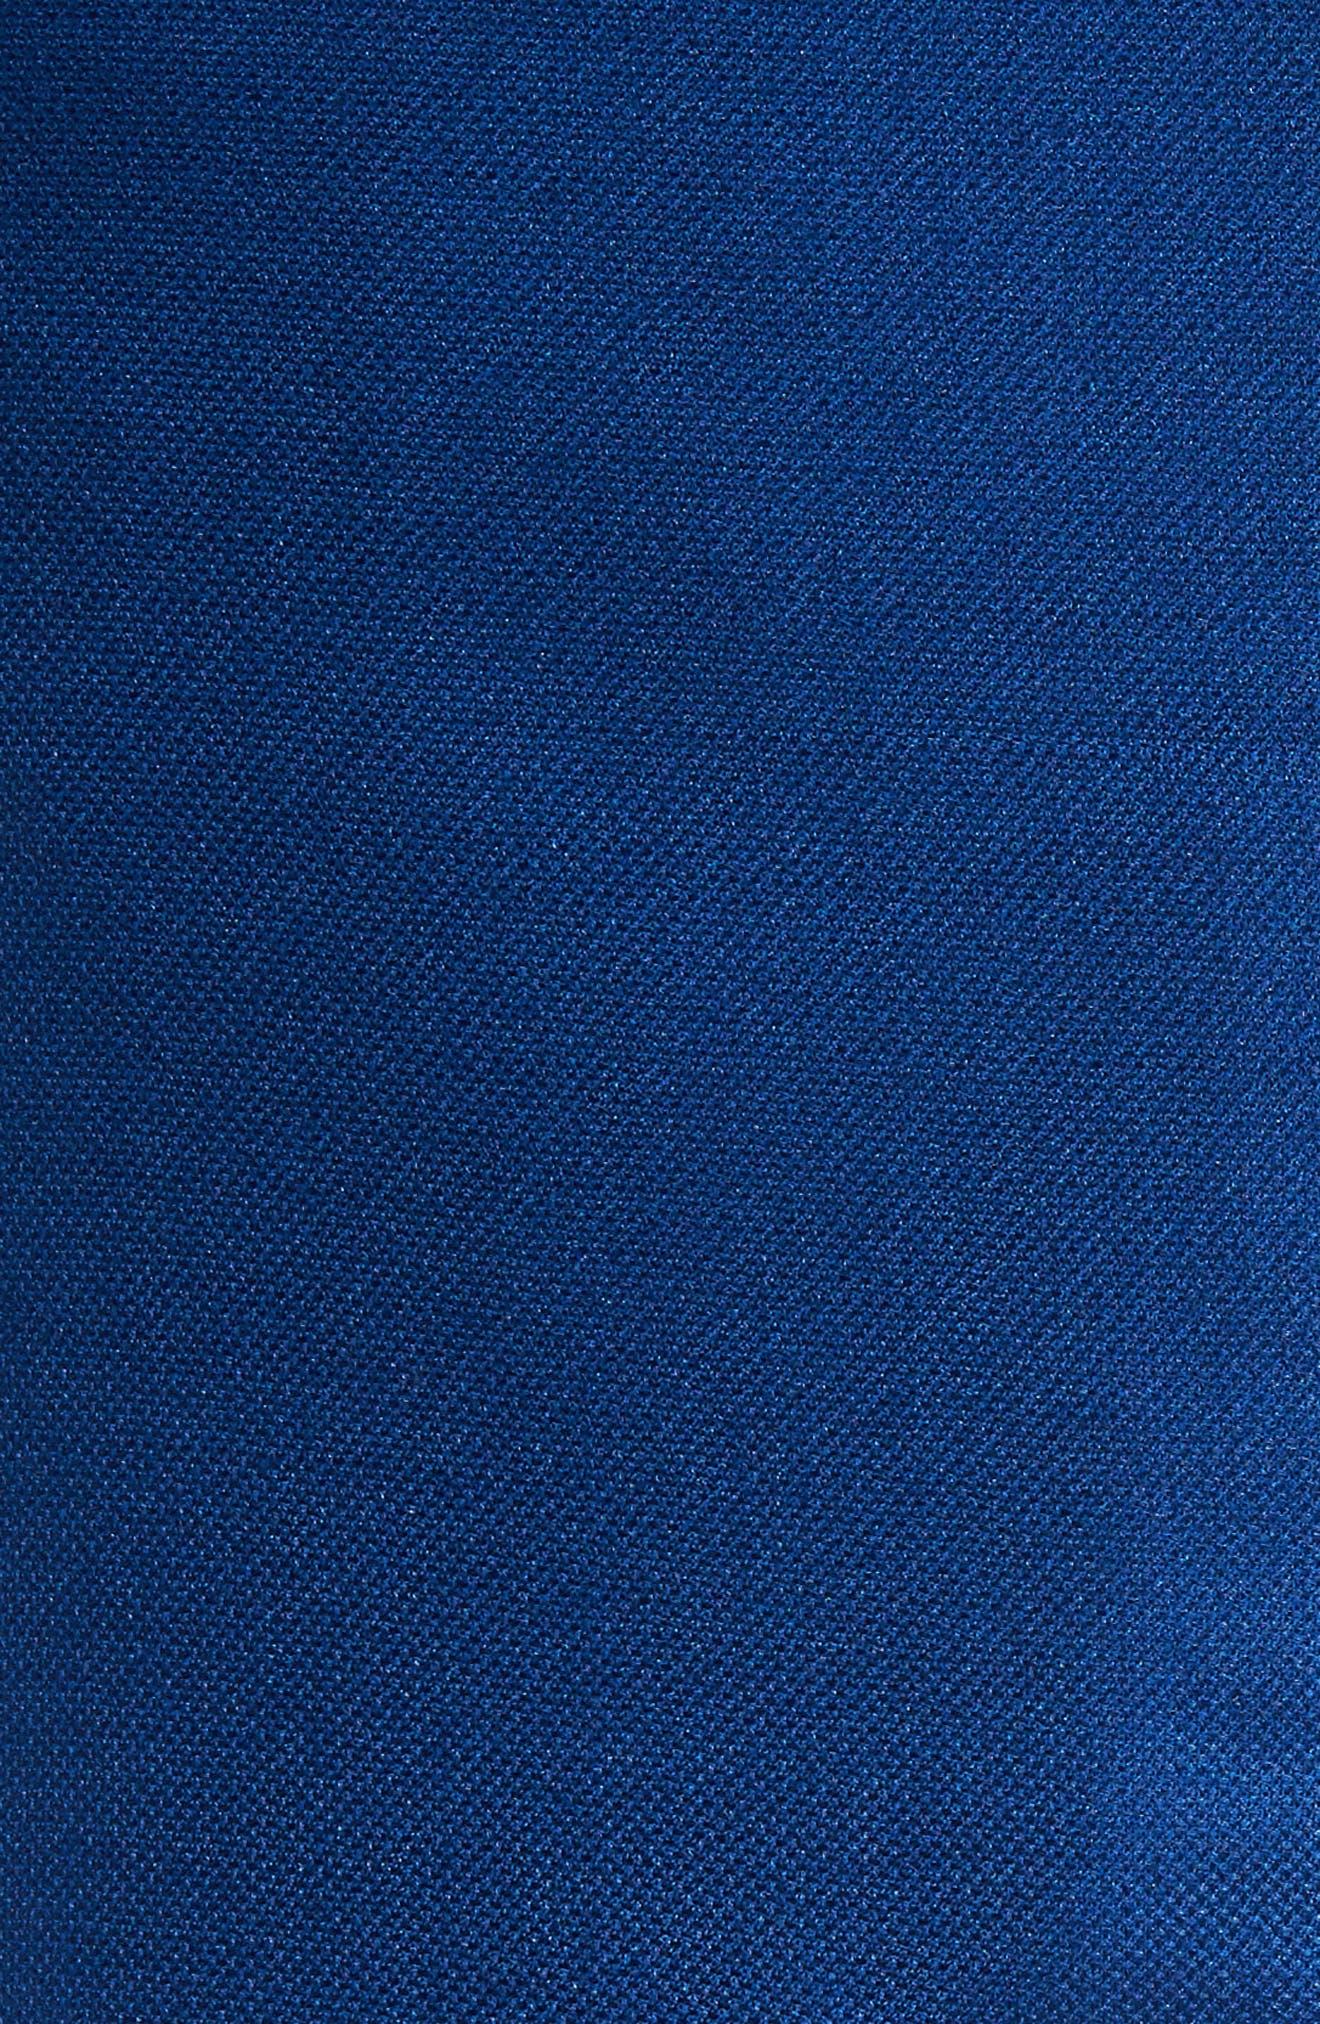 Trim Fit Cashmere & Silk Blazer,                             Alternate thumbnail 23, color,